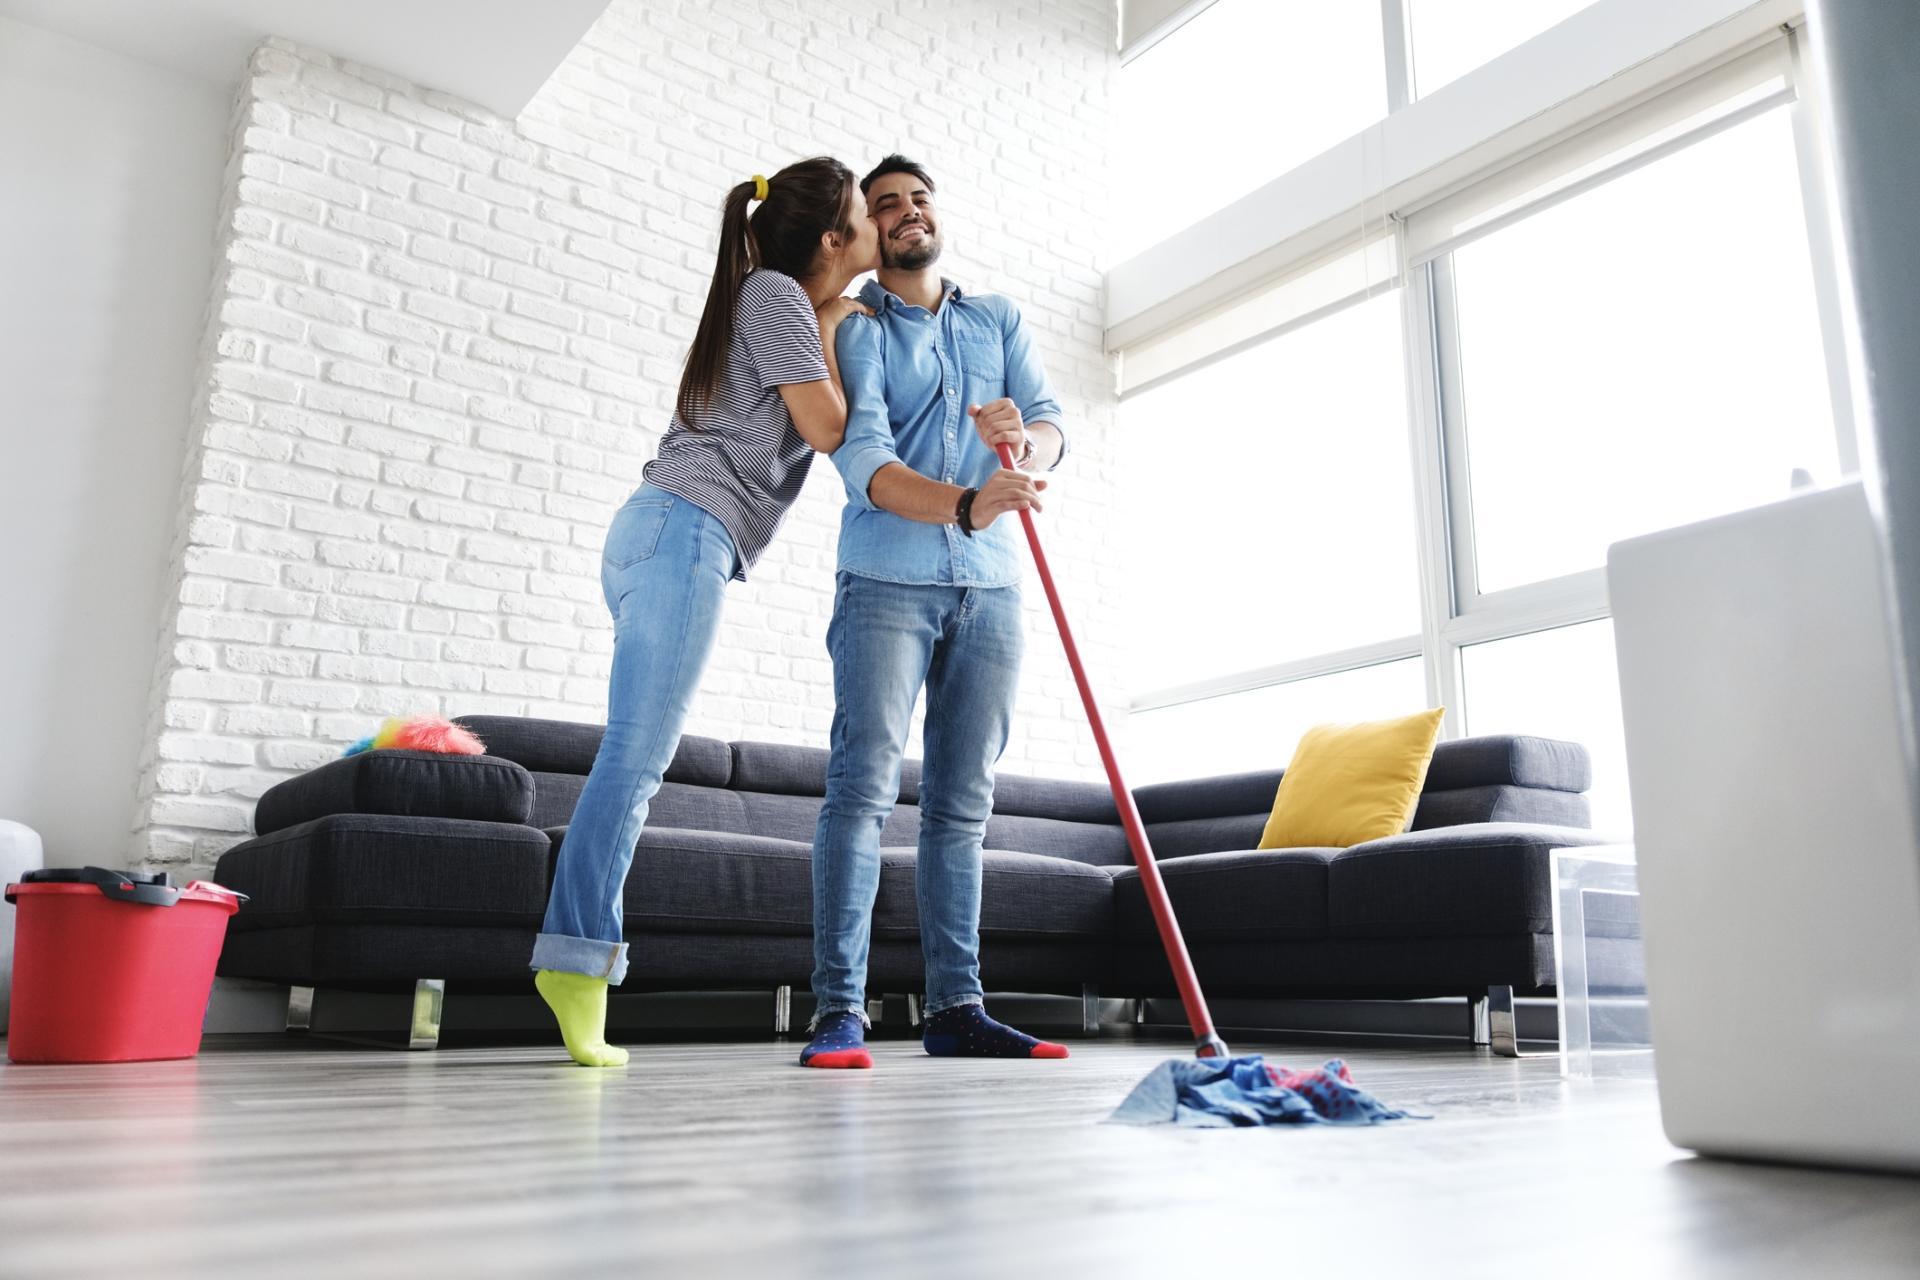 Giochi Di Pulizie Domestiche pulire casa allunga la vita: ecco i motivi scientifici